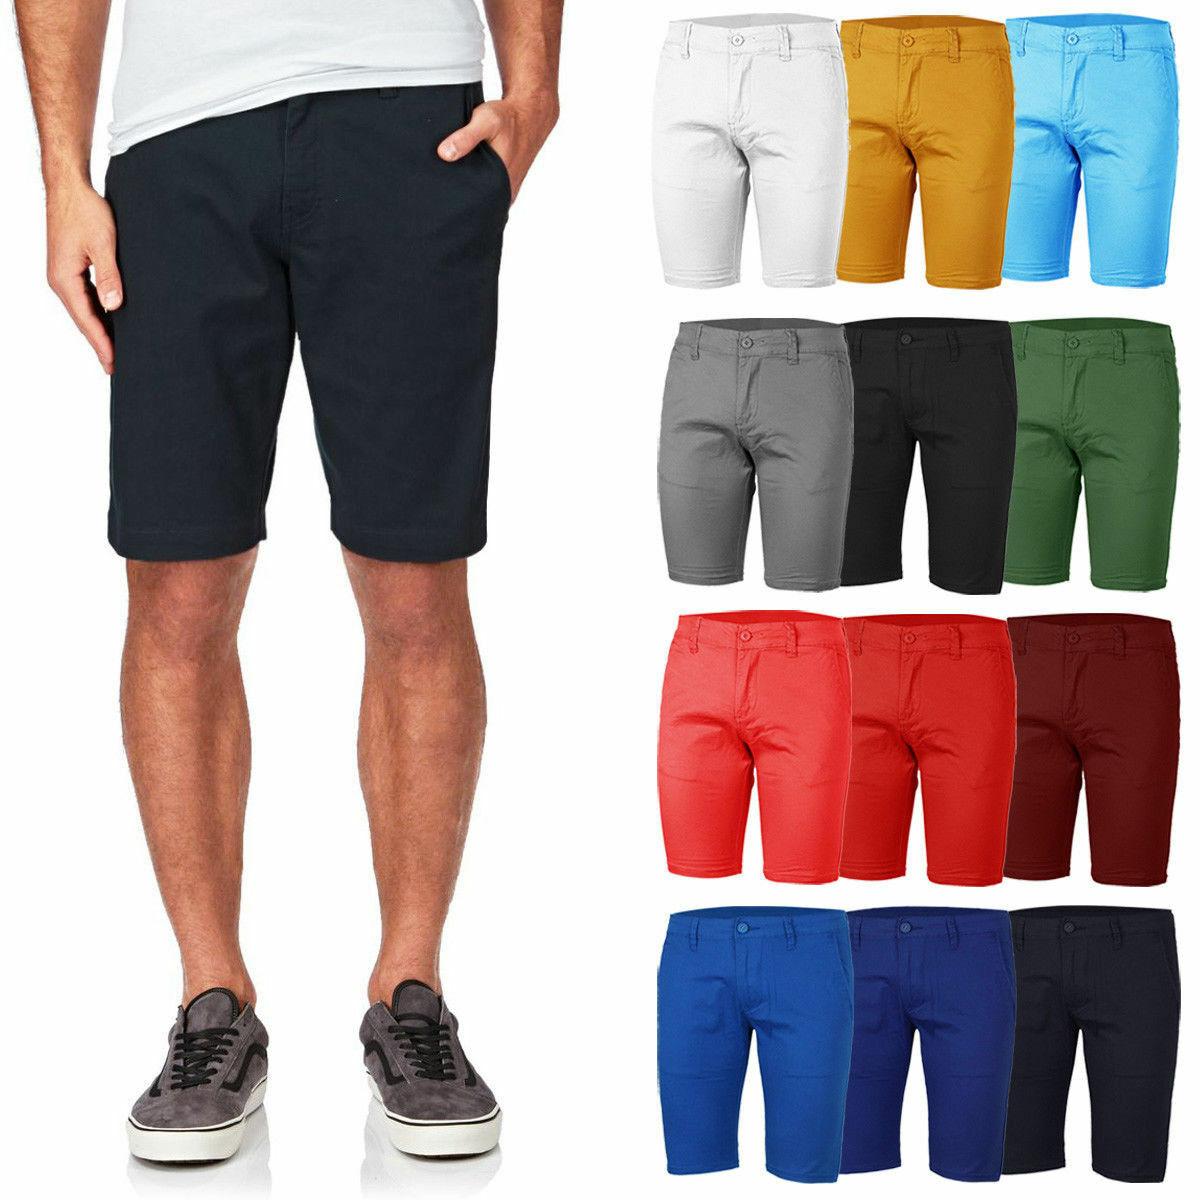 Bermuda Uomo Jeans Cotone Corto Pantalone Shorts Pantaloncino Casual Da 42 54